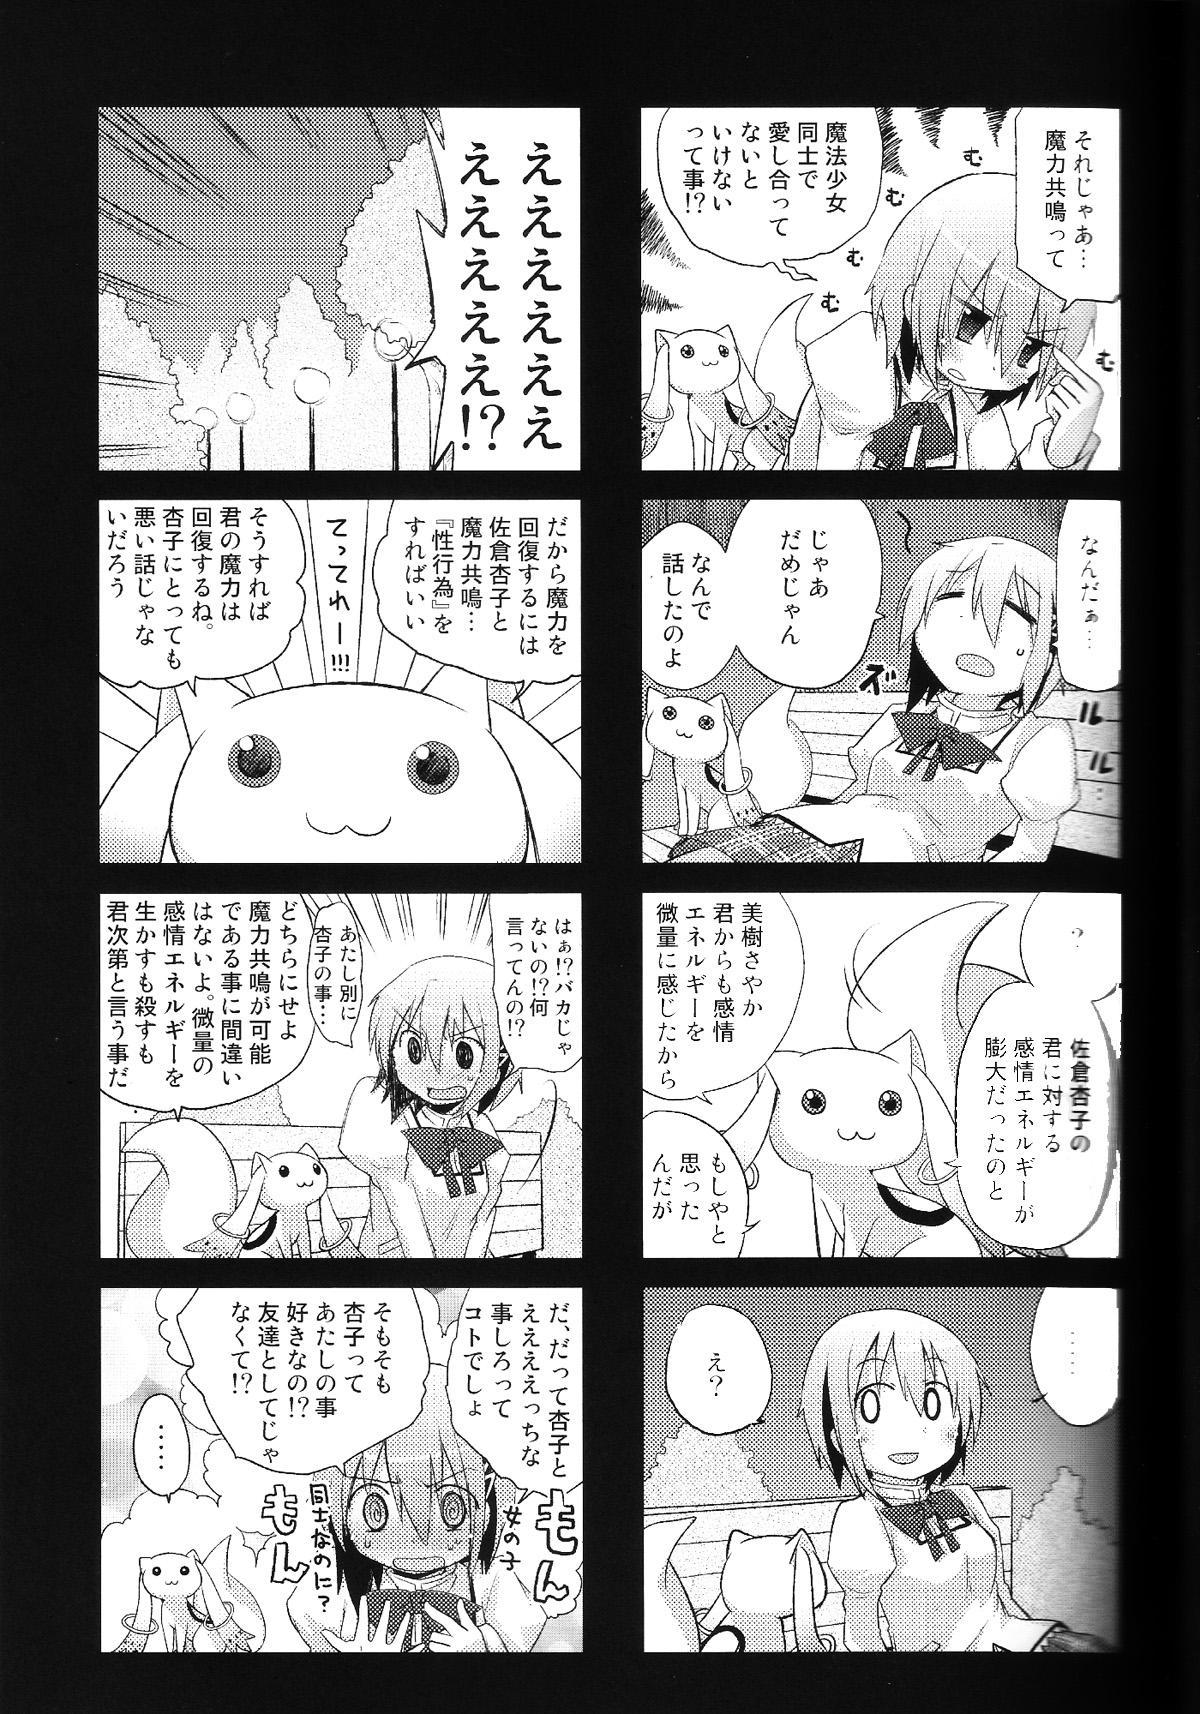 Atashitachi no Seizon Senryaku 3